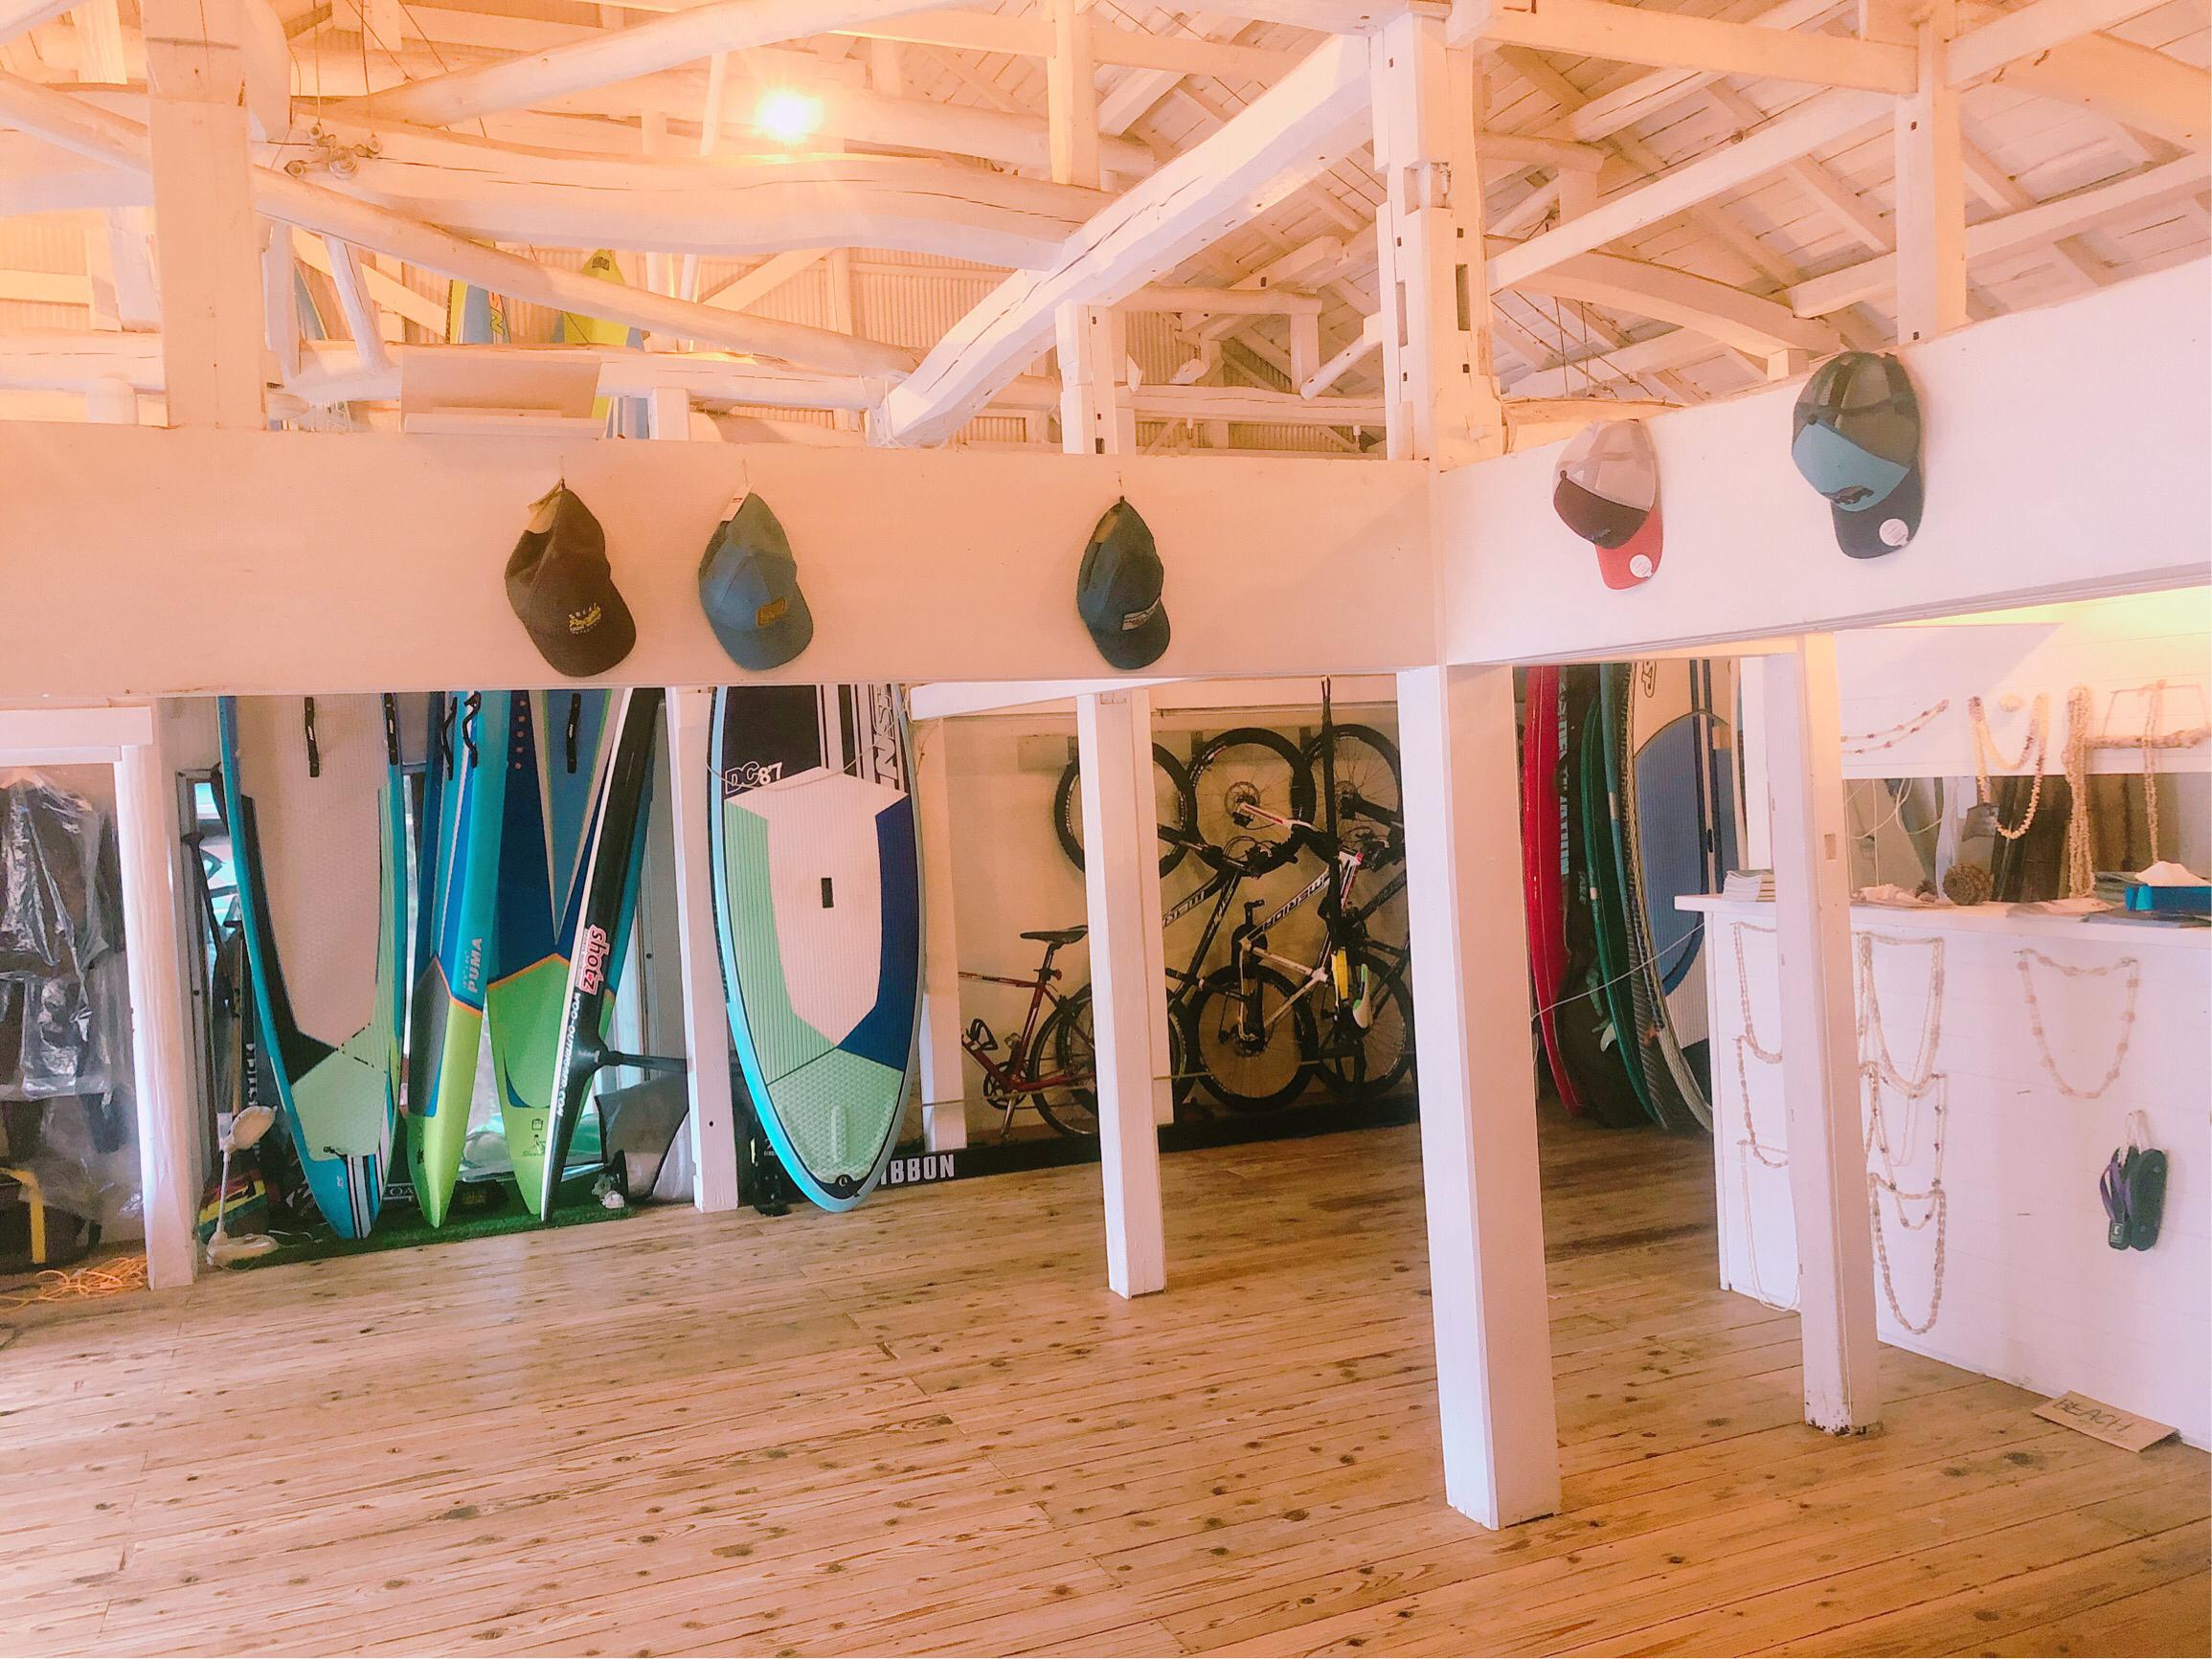 Beach Hayama内観、スタジオ。サーフボードやバイクが並び、普段はヨガやフラなどアクティビティを行う